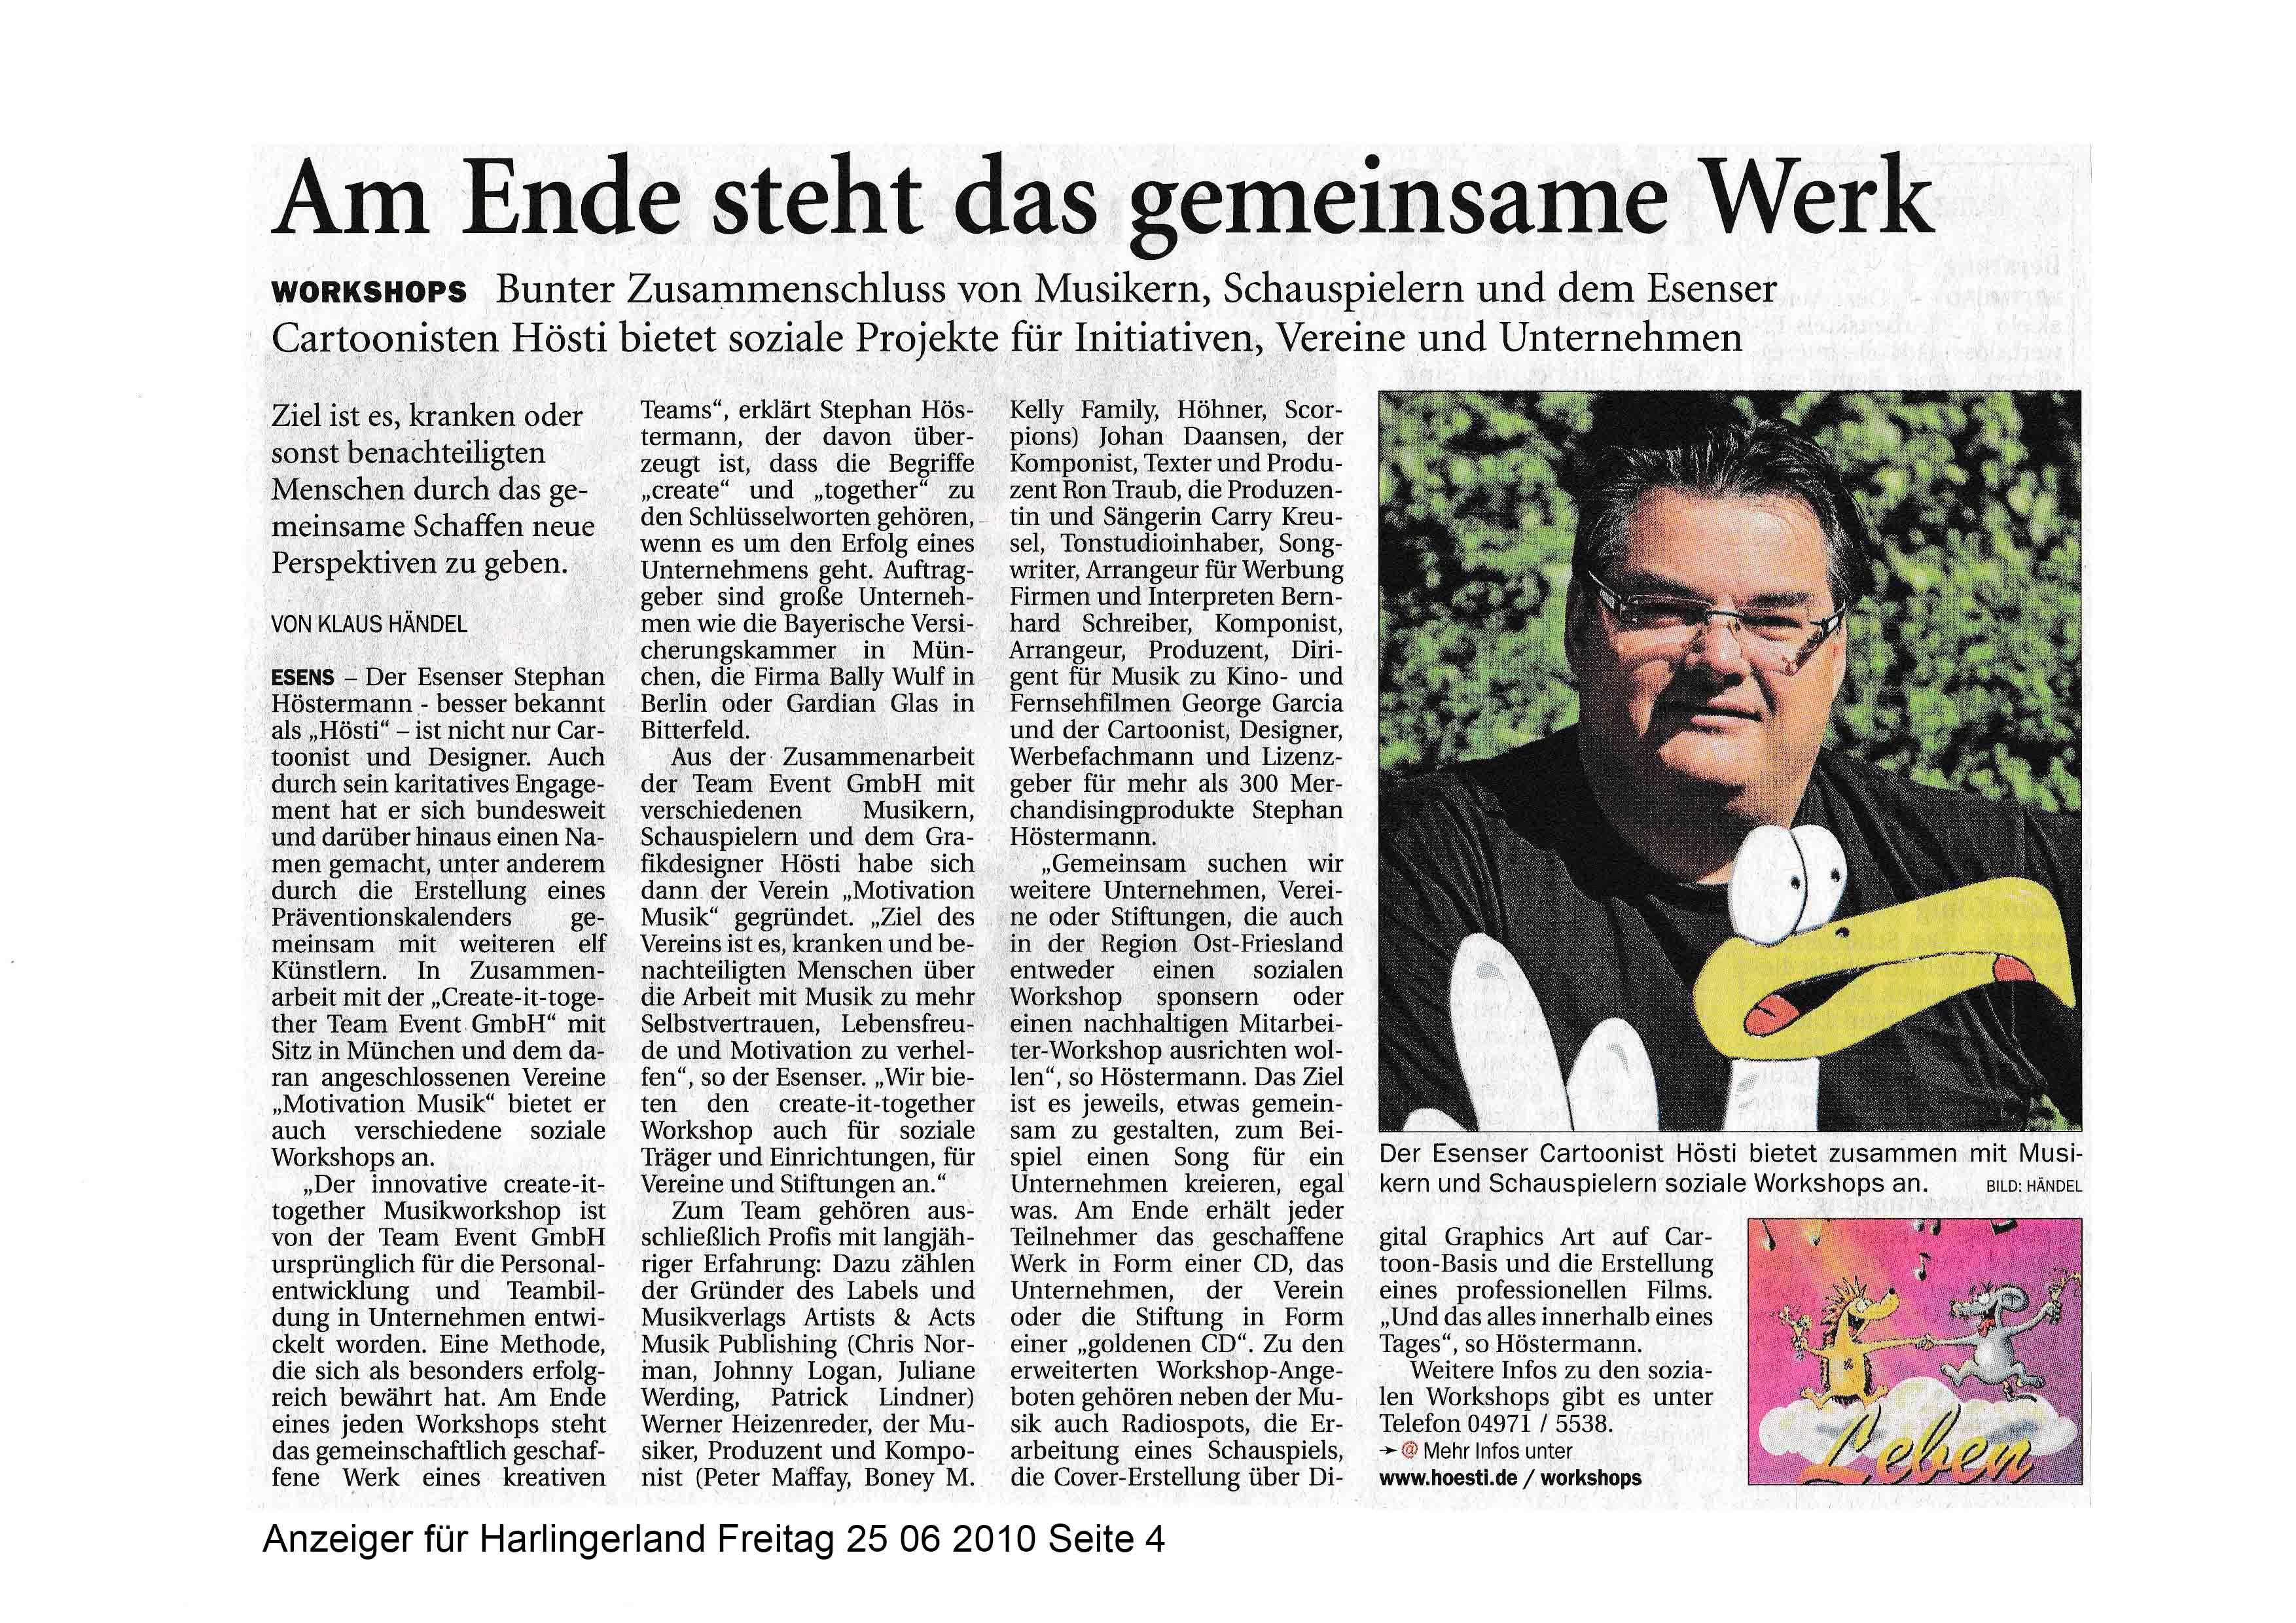 Anzeiger für Harlingerland Freitag 25 06 2010 Seite 4